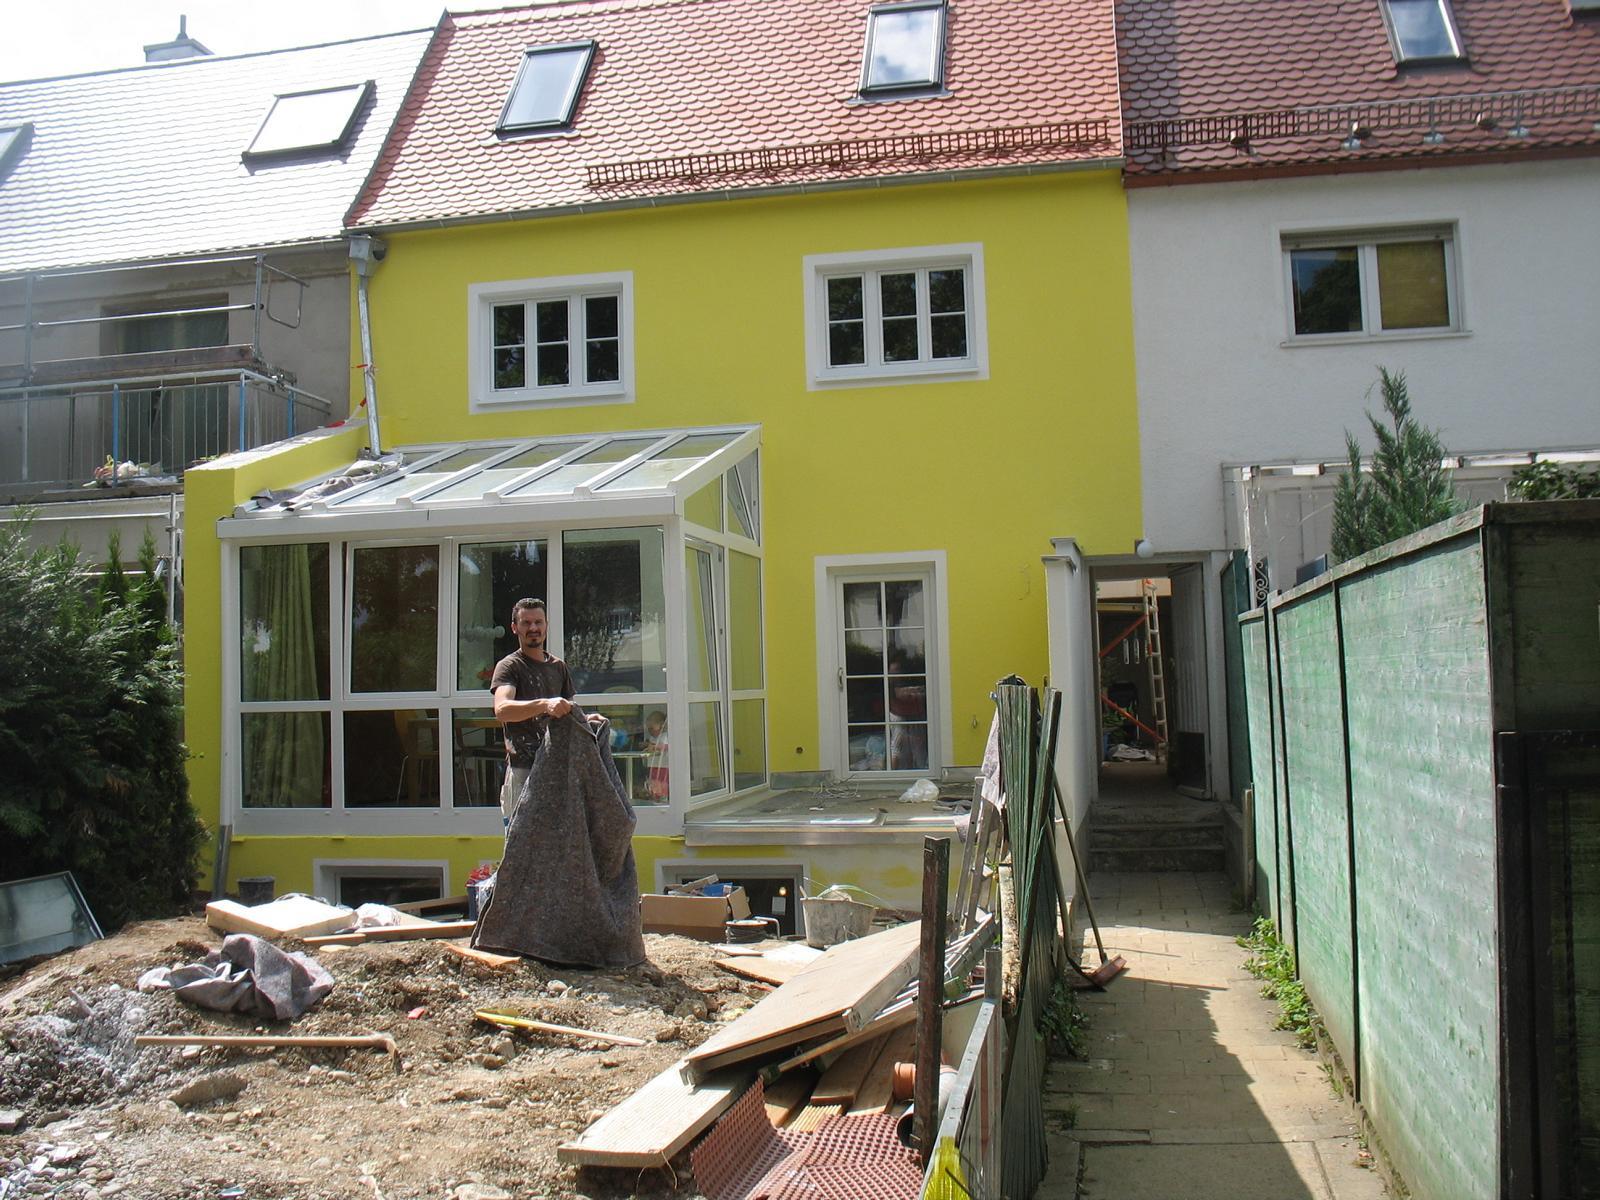 Bauunternehmen_2